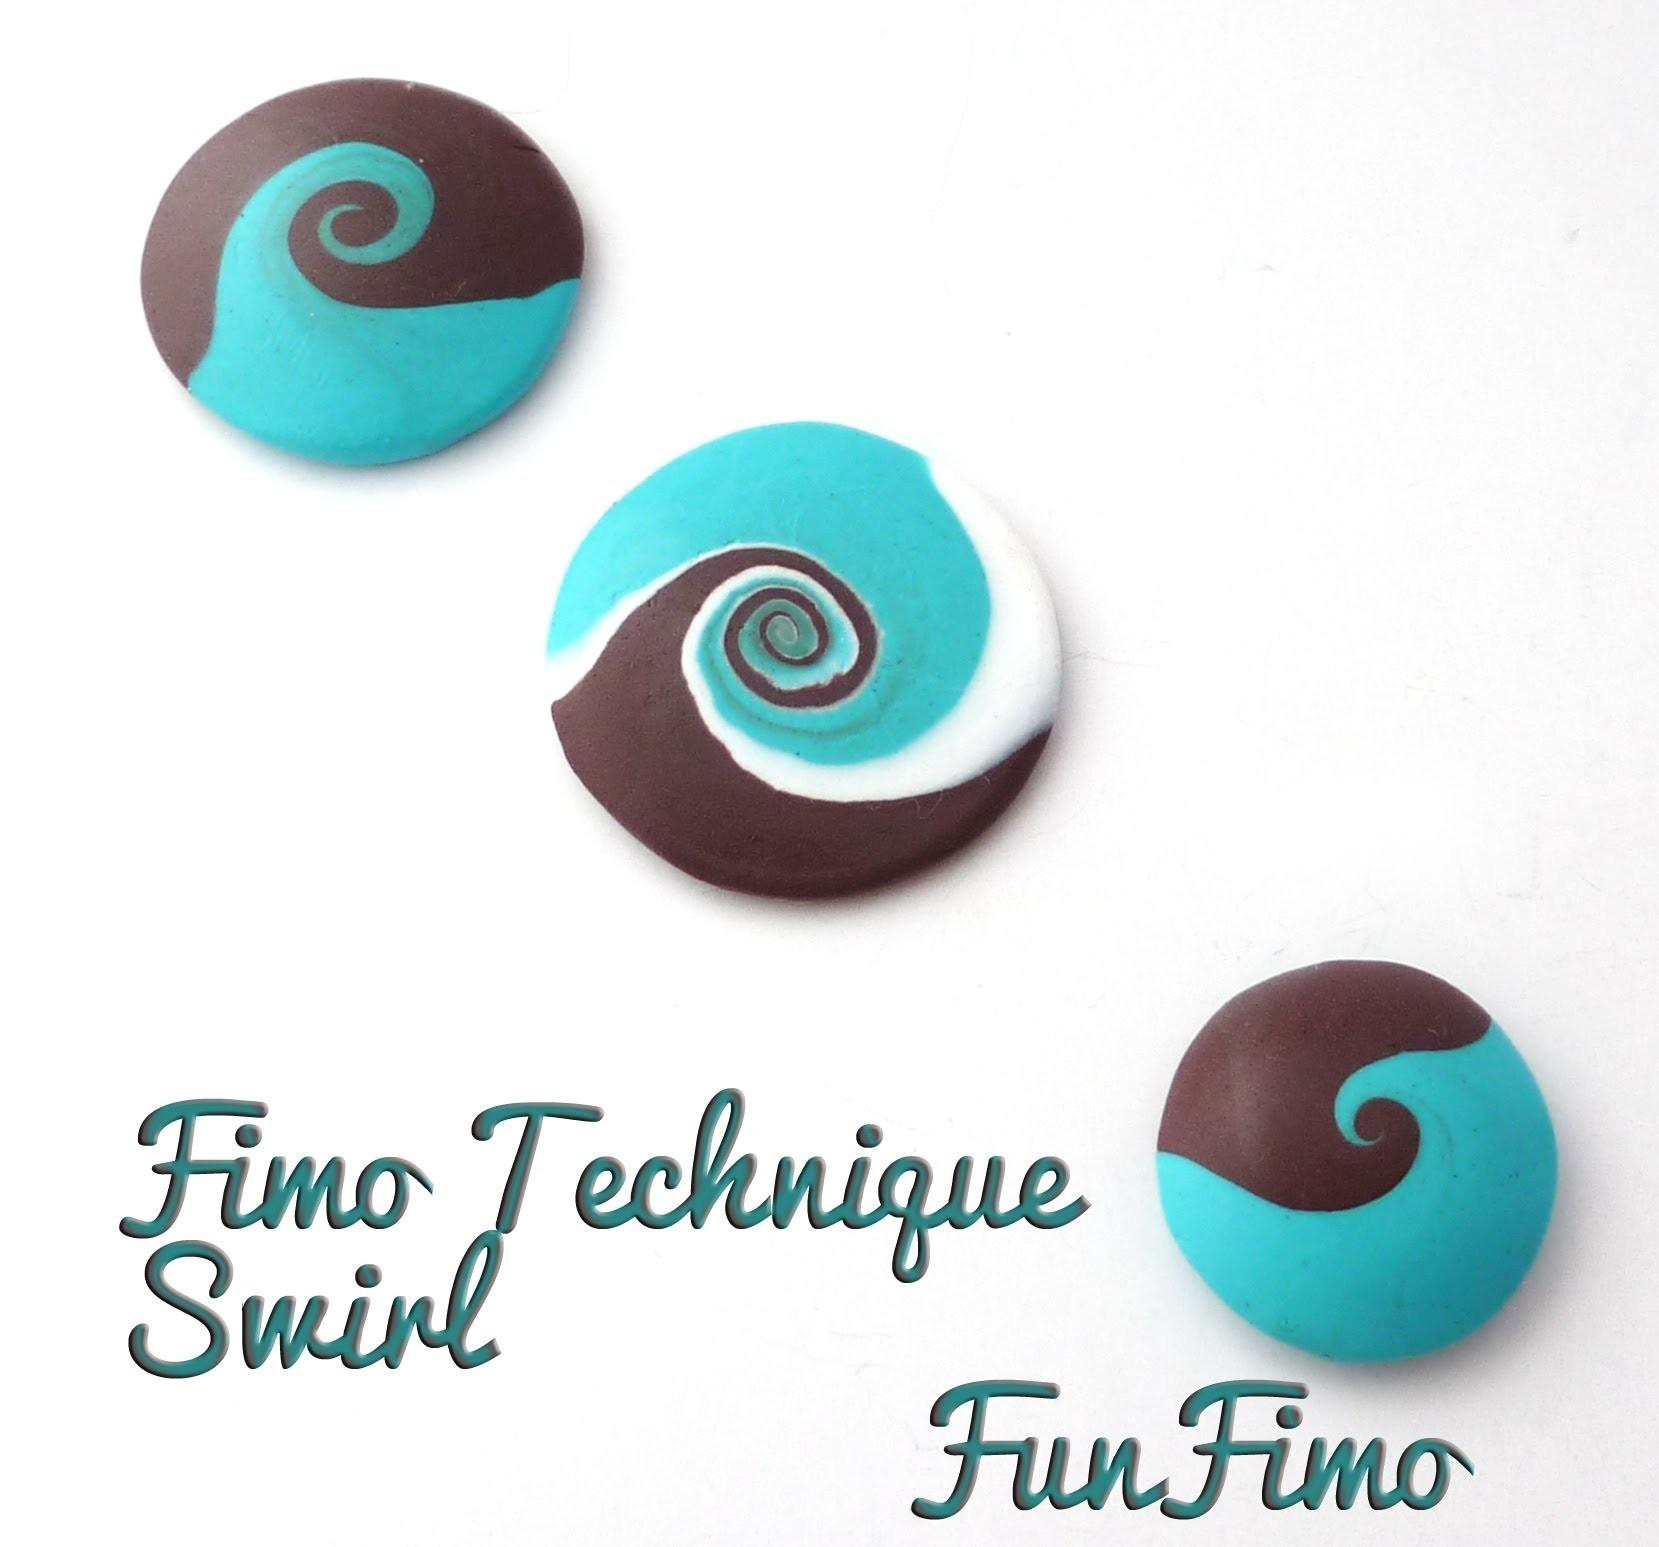 Tuto Fimo - technique Swirl by FunFimo